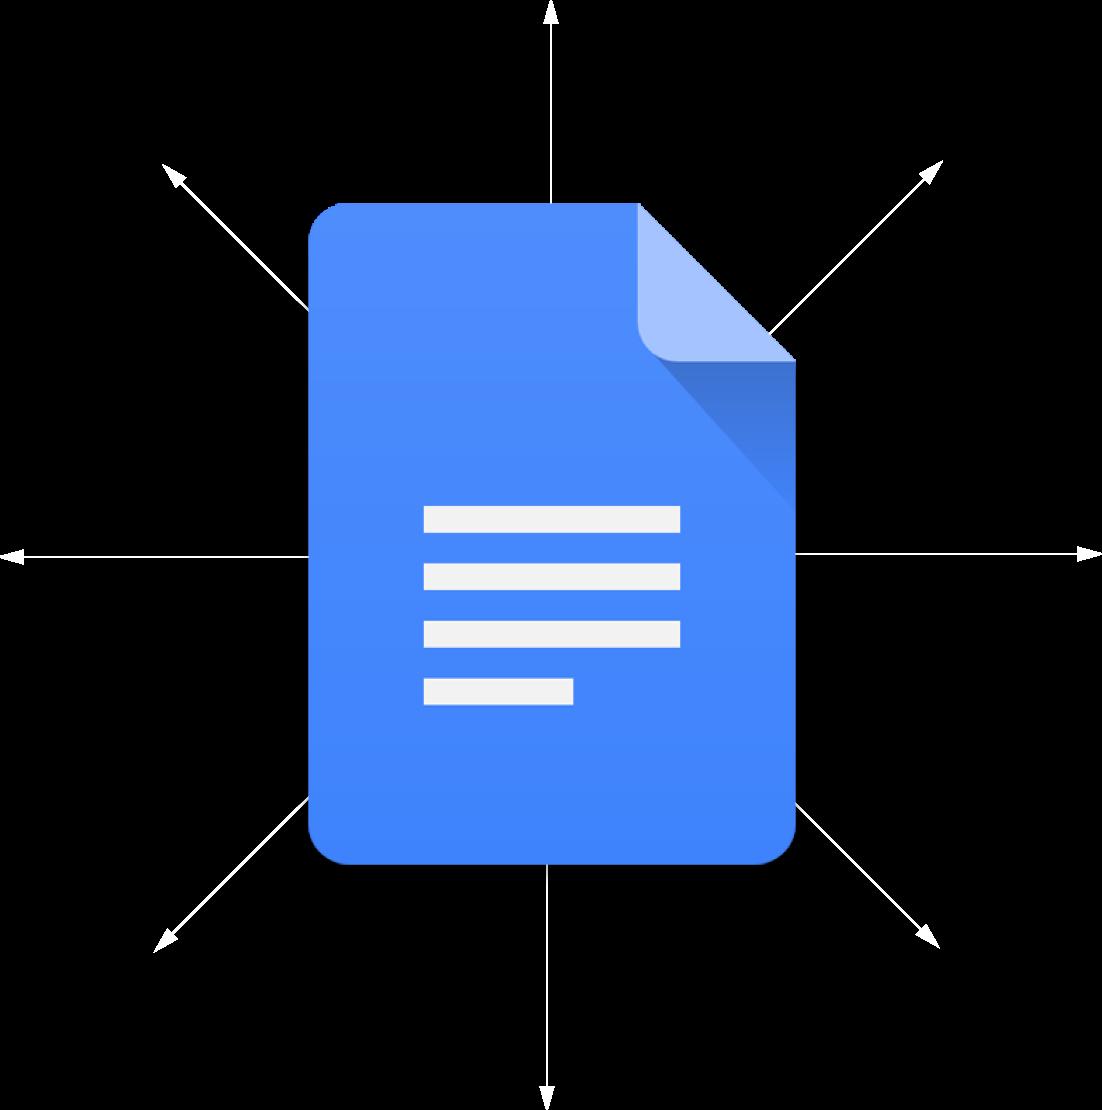 Google Docs Png.